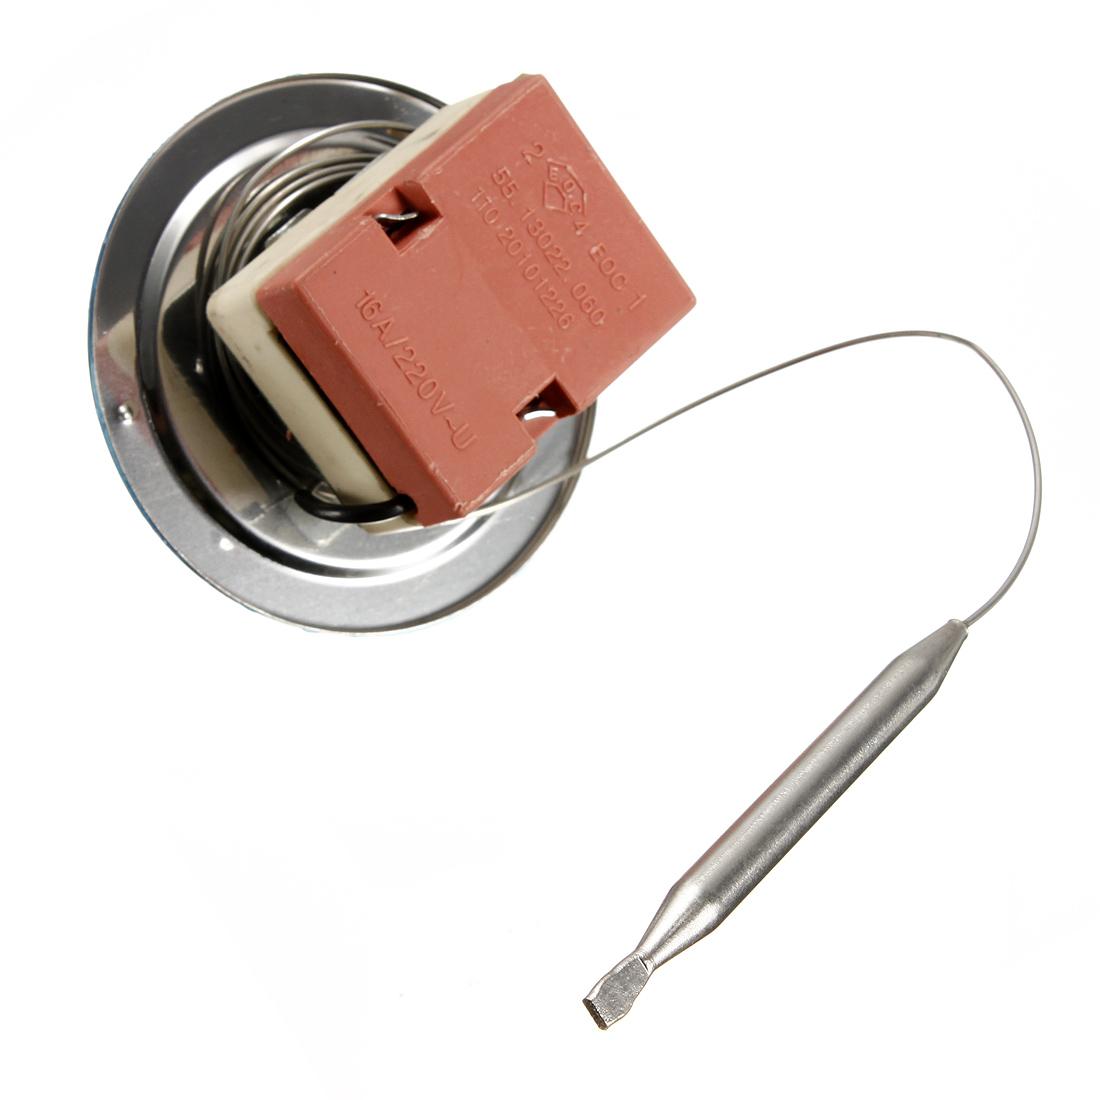 Details about Electric Oven 30 110 Celsius Temperature Controller  #7B402D